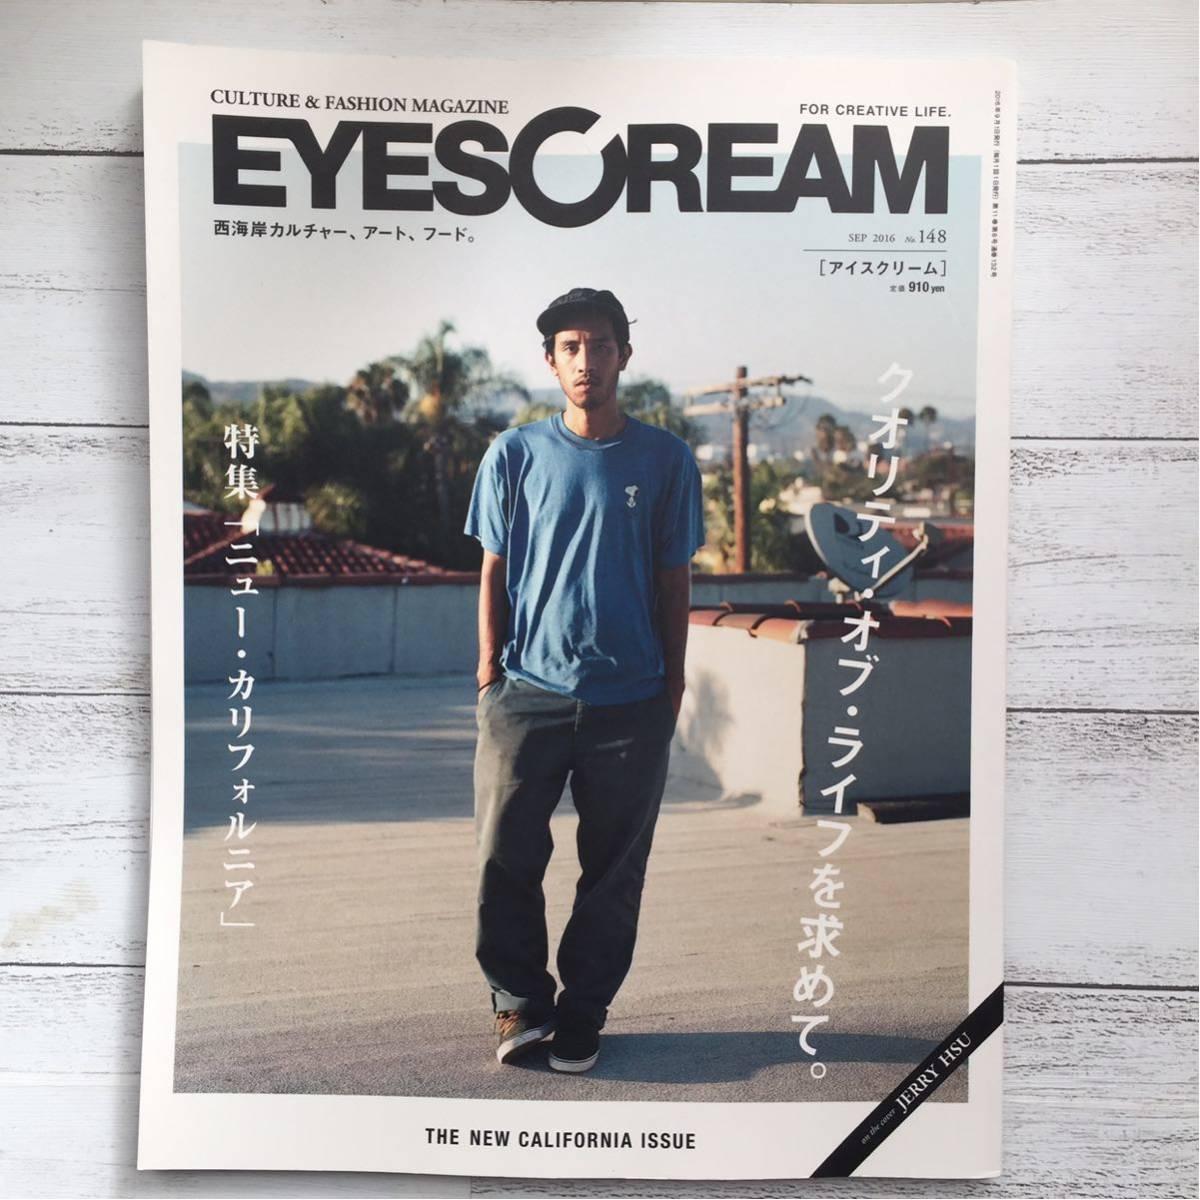 [雑誌]EYESCREAM (アイスクリーム) 2016年 09月号 No.148 「ニュー・カリフォルニア」中田裕二/JERRY HSU/ANDRU SISSON_画像1